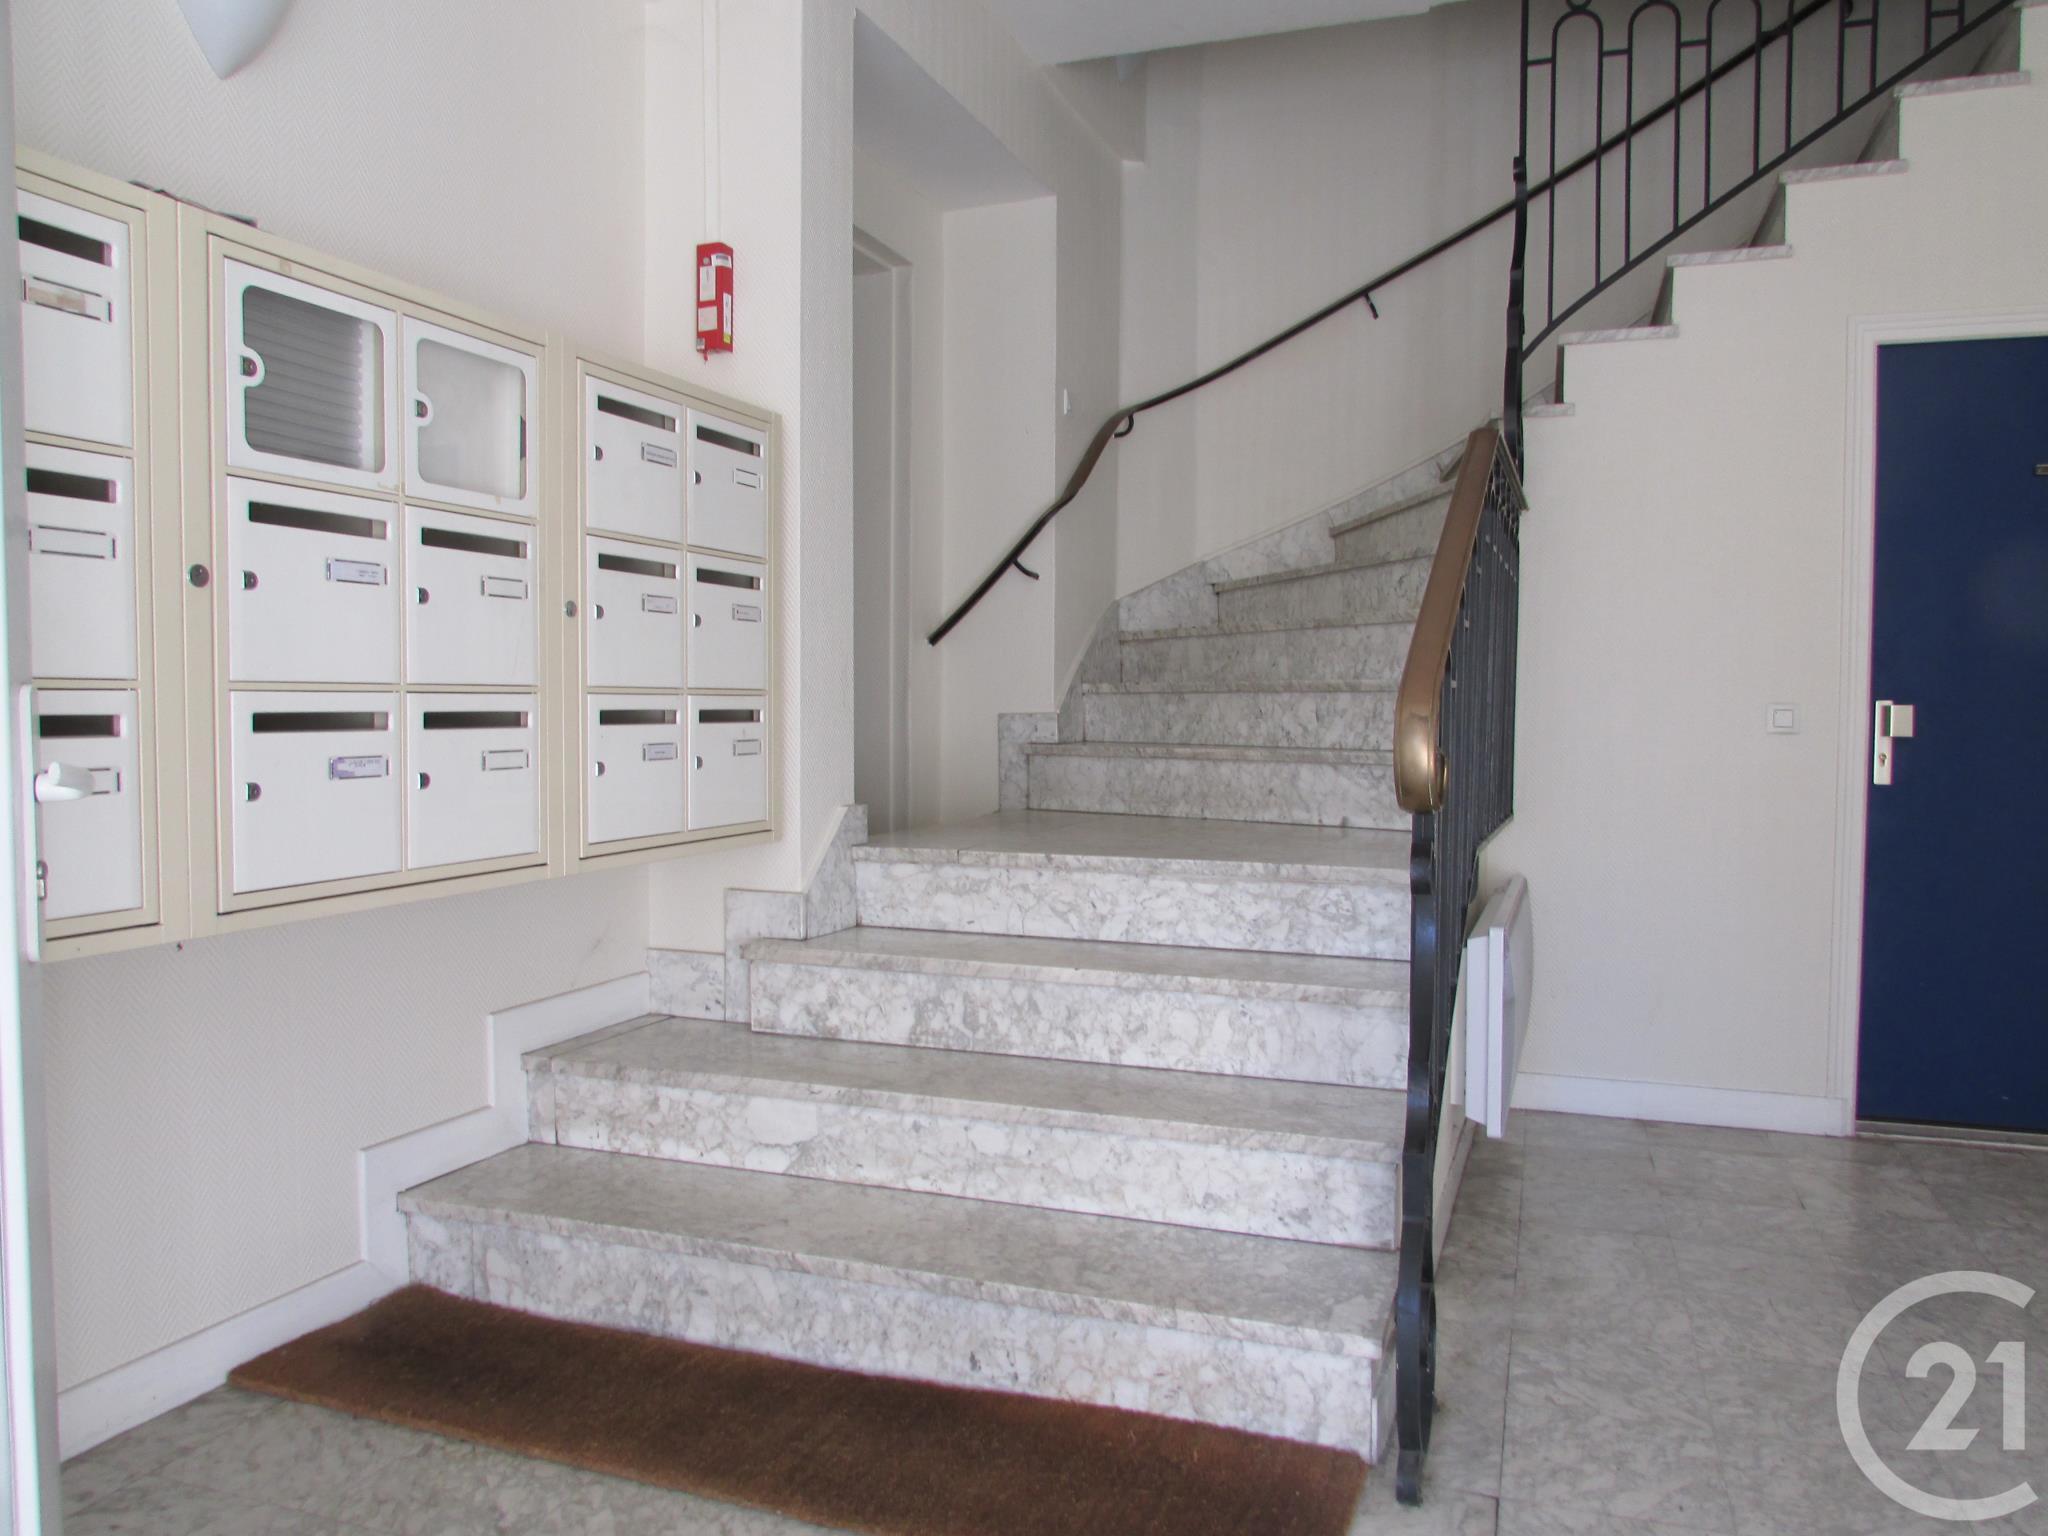 Appartement f2 à louer - 2 pièces - 35 m2 - SOUILLAC - 46 - MIDI-PYRENEES